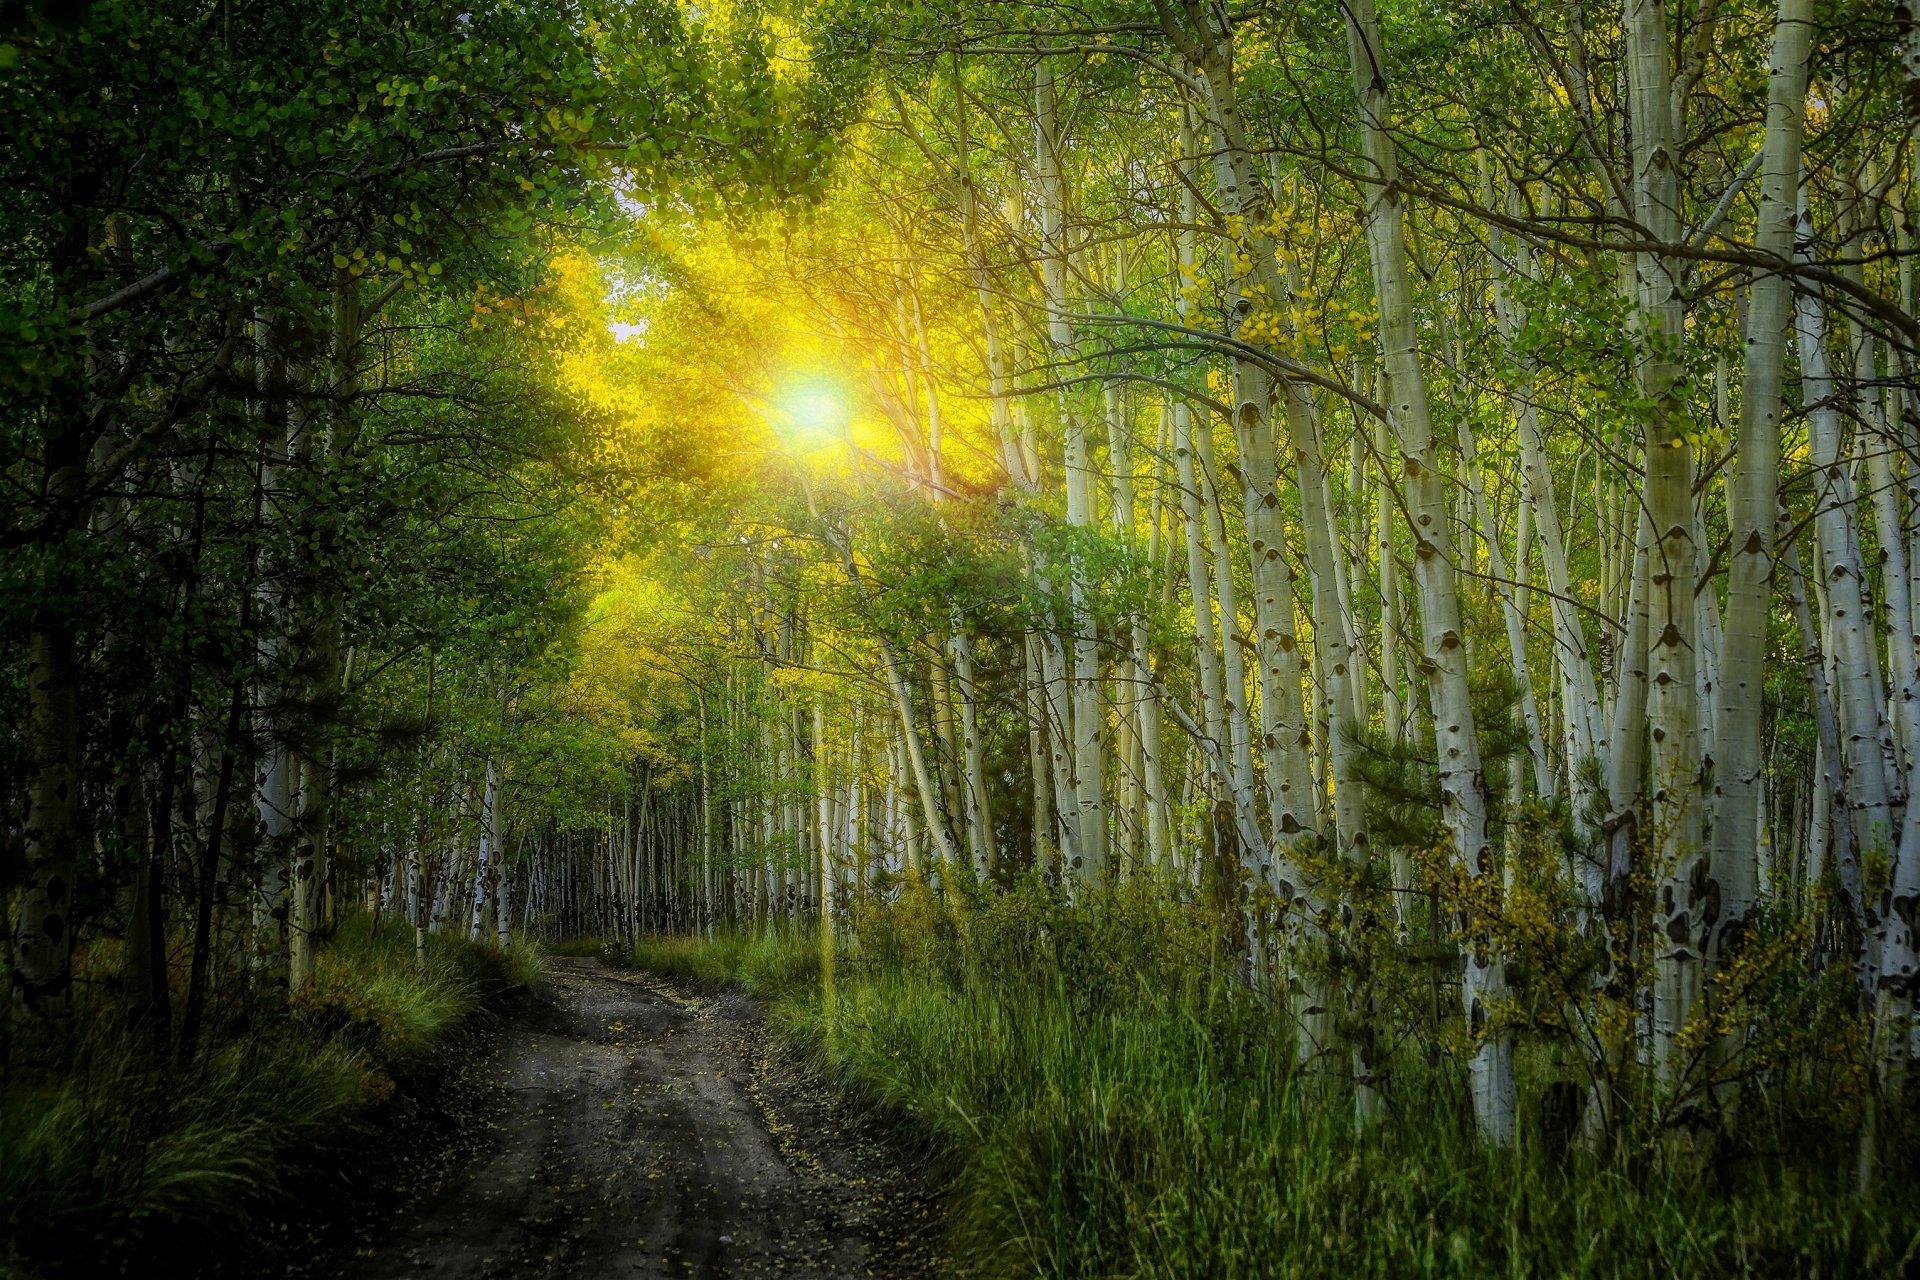 березы дорога зелень лето загрузить